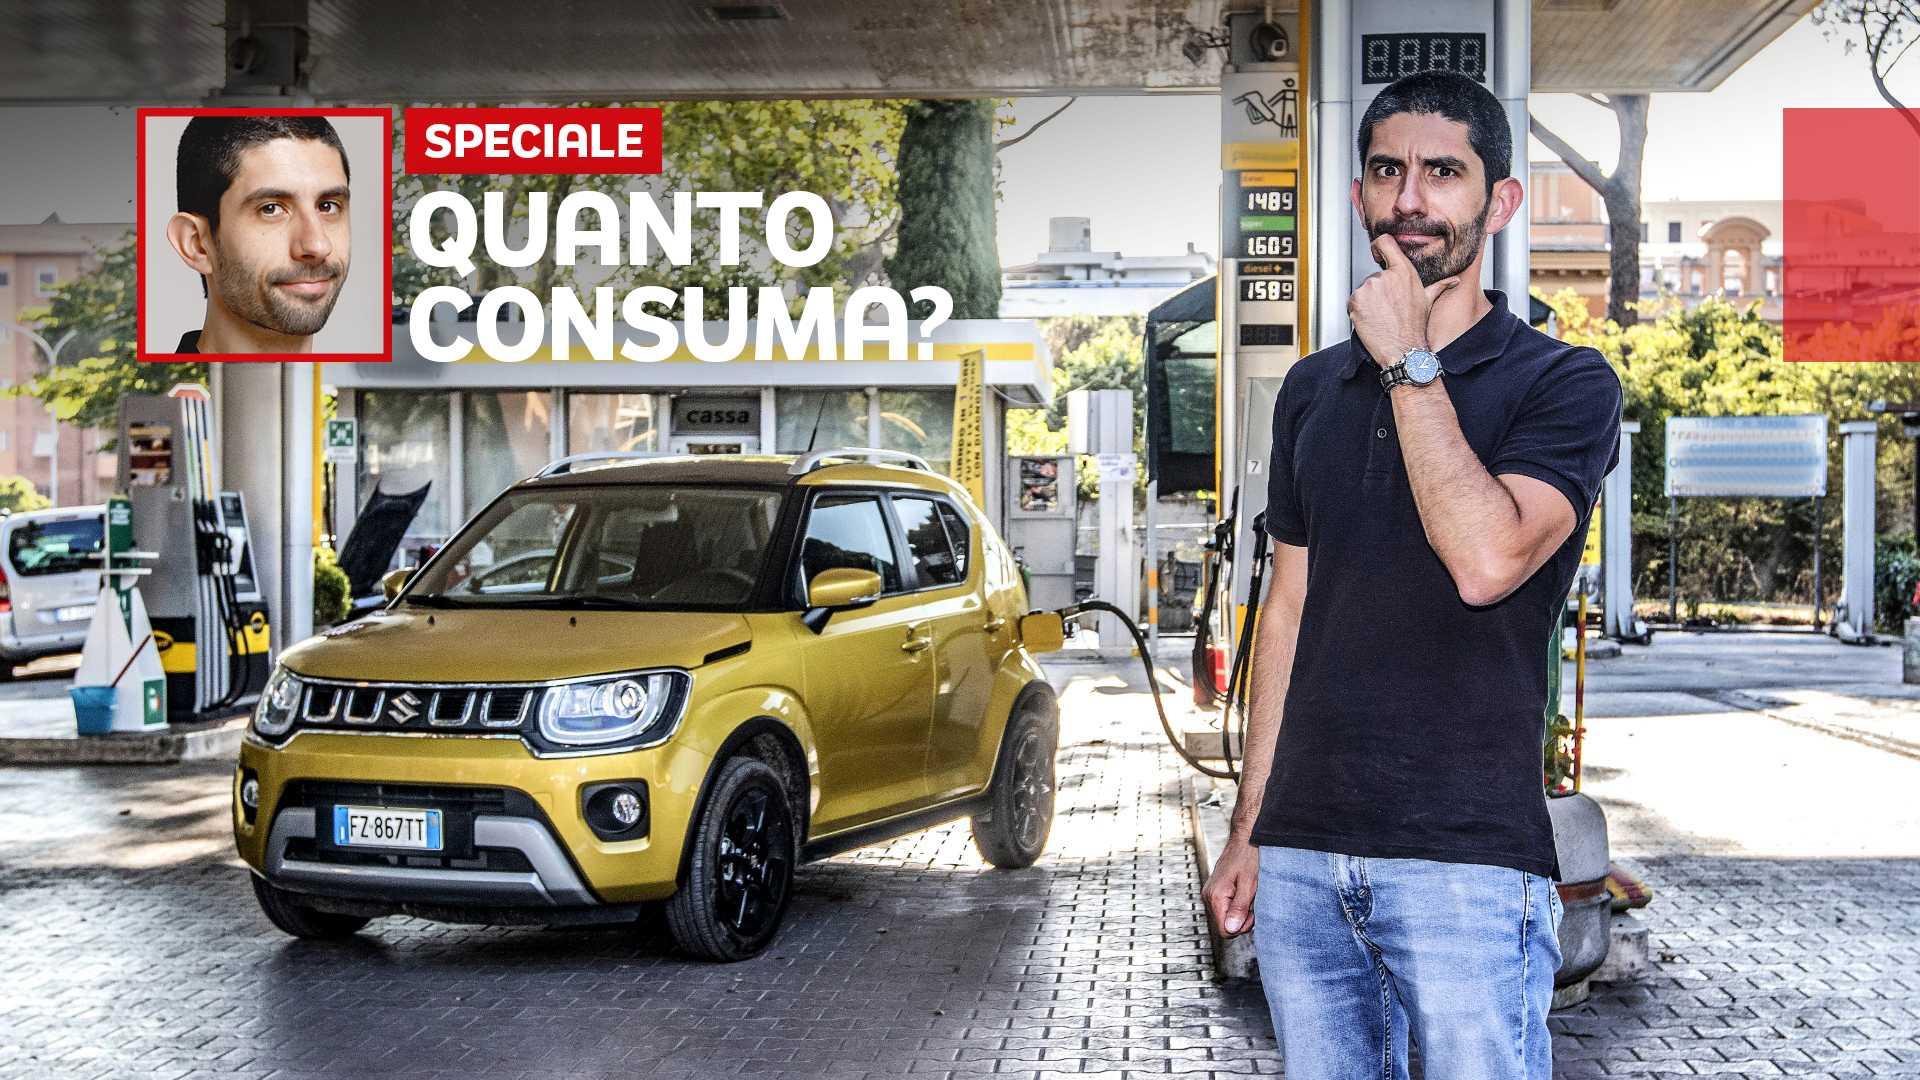 Suzuki Ignis 4x4, prova consumi del benzina aiutato dall'elettrico